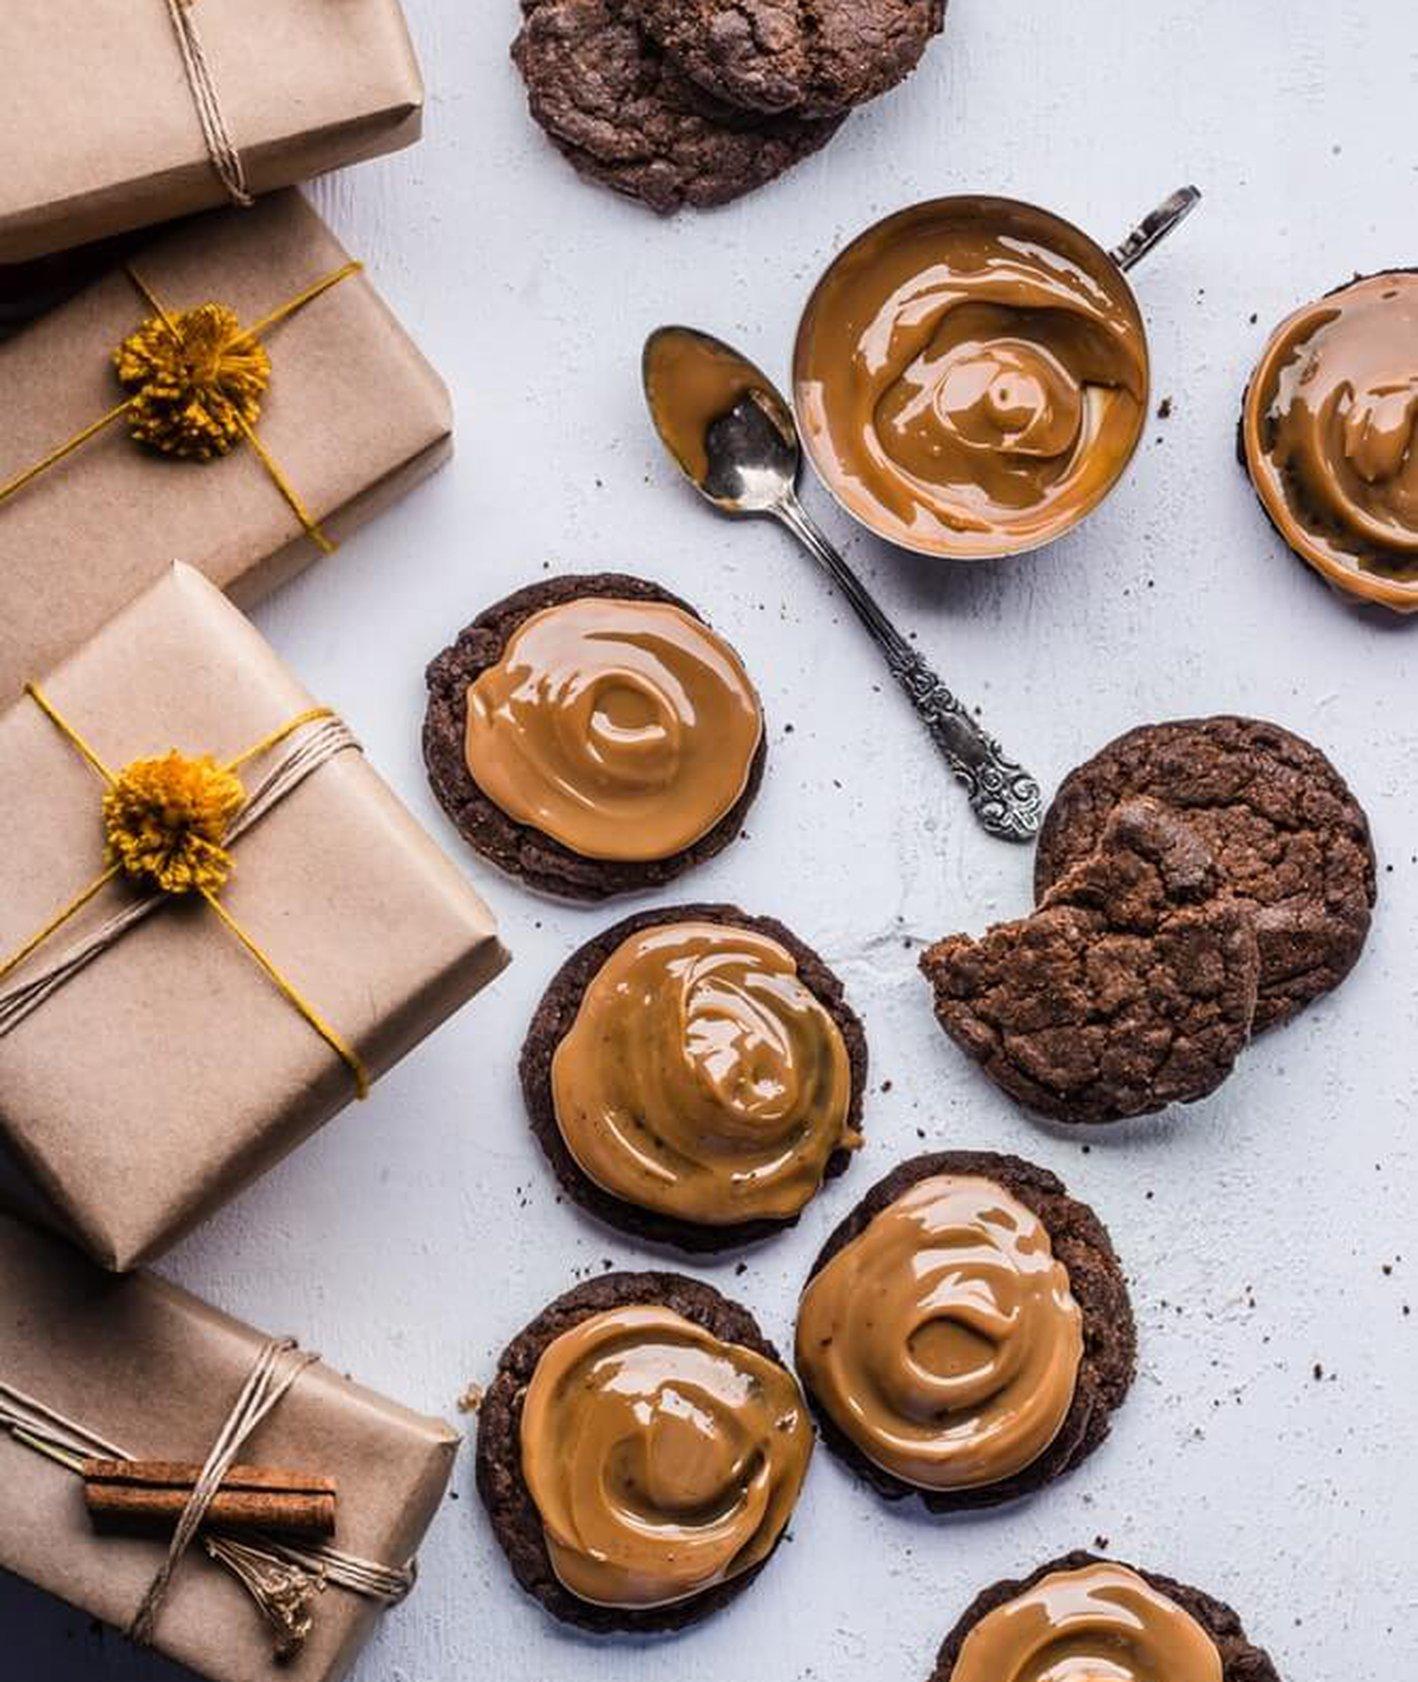 czekoladowe ciasteczka z karmelem na smutki (fot. Bruna Branco)